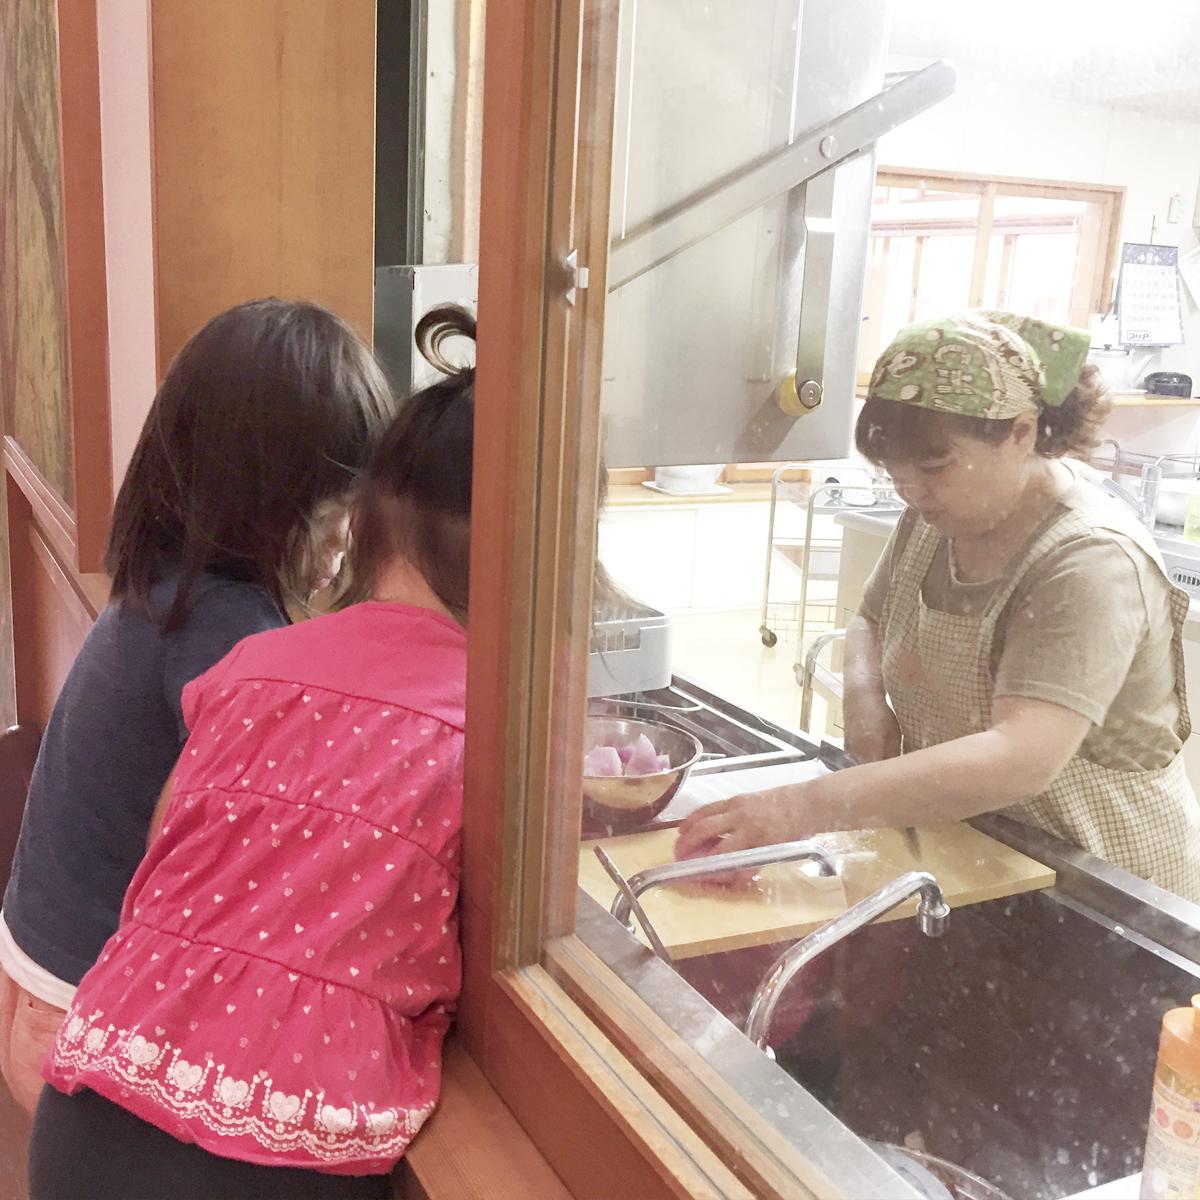 所沢市のあかね保育園の給食室の画像